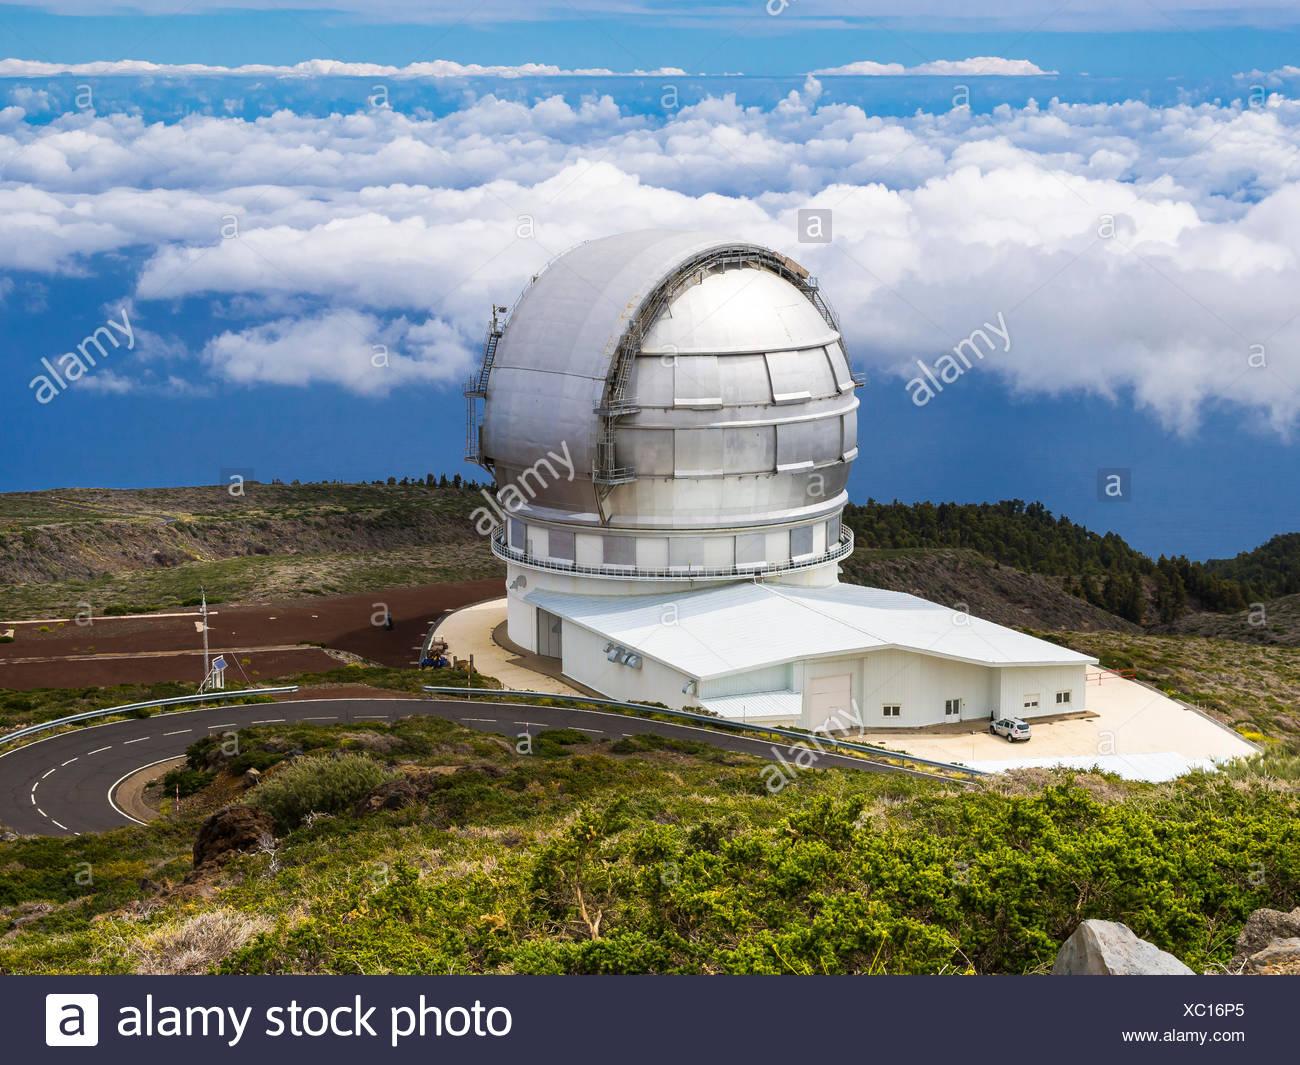 Gran Telescopio Canarias, Observatorium Roque de los Muchachos über den Wolken, Parque Nacional De La Caldera de Taburiente Stockbild